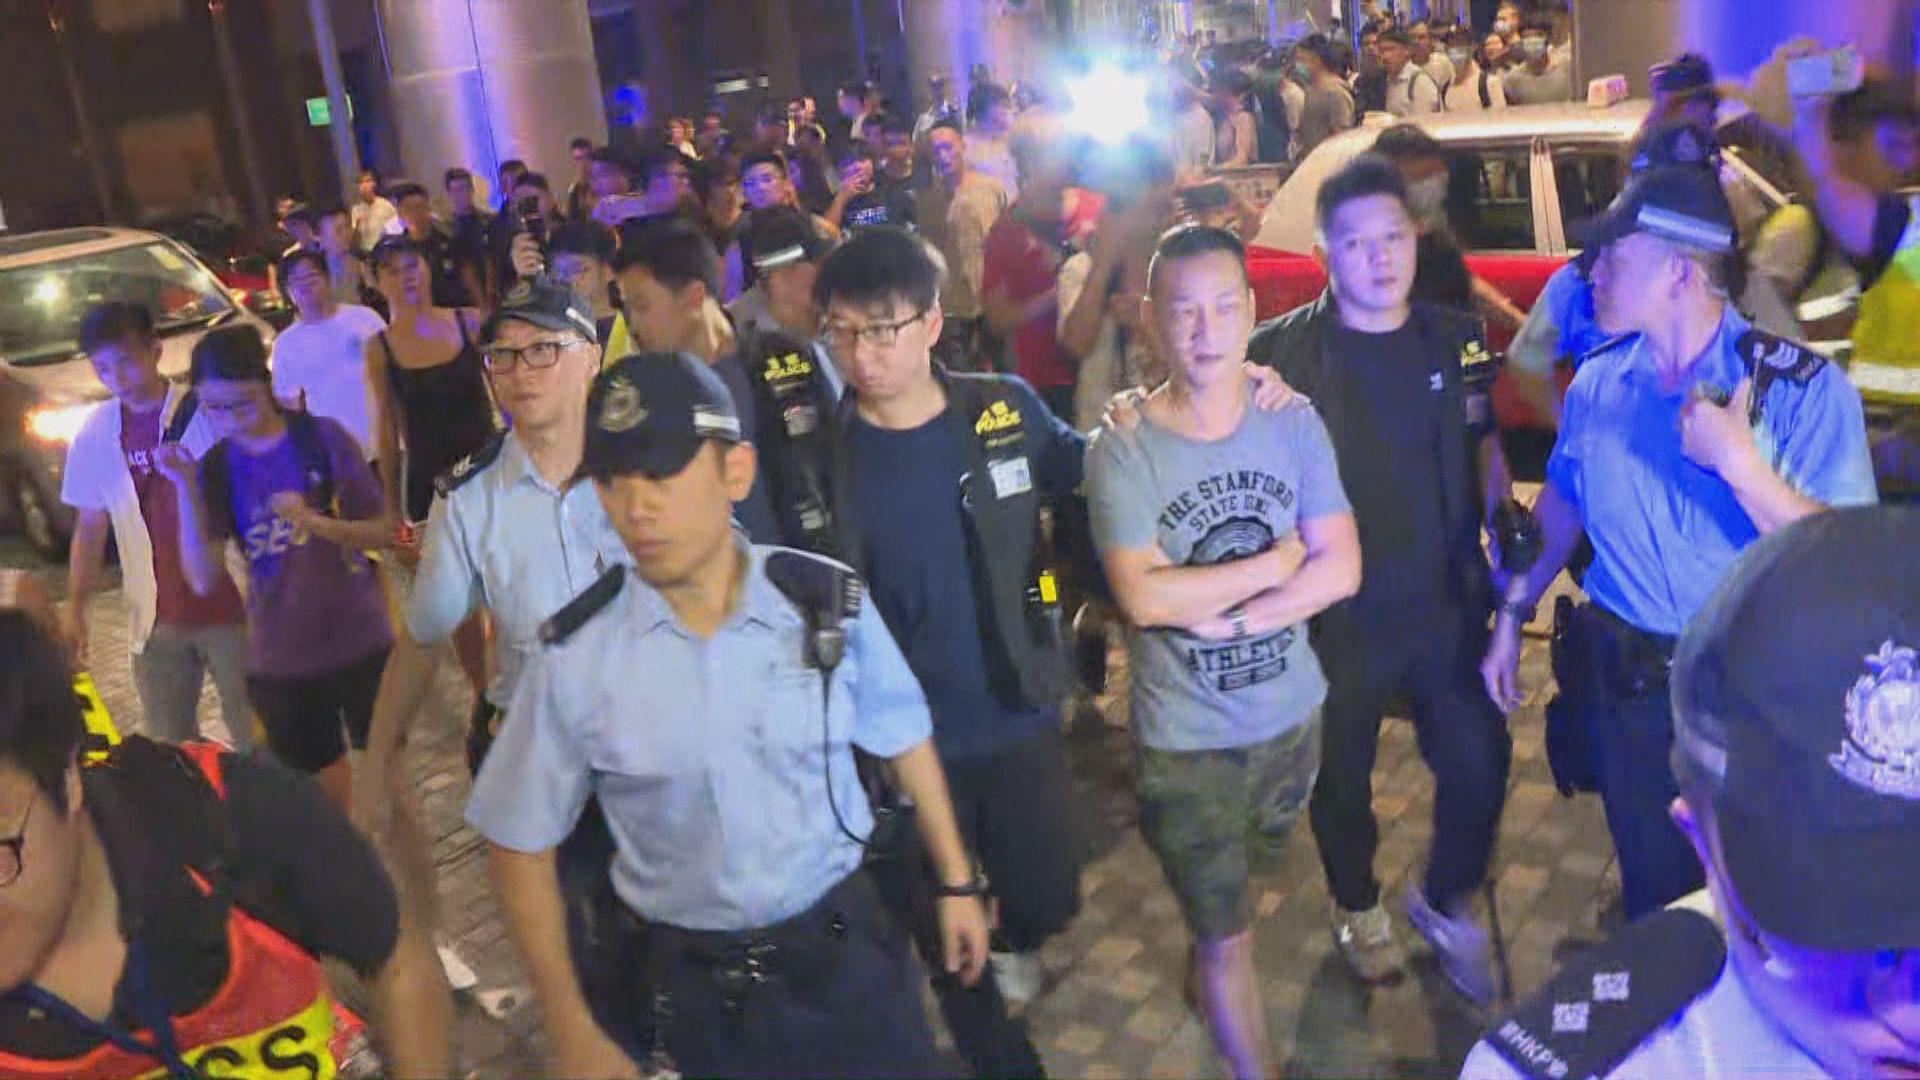 警方帶走數名男子涉襲擊他人